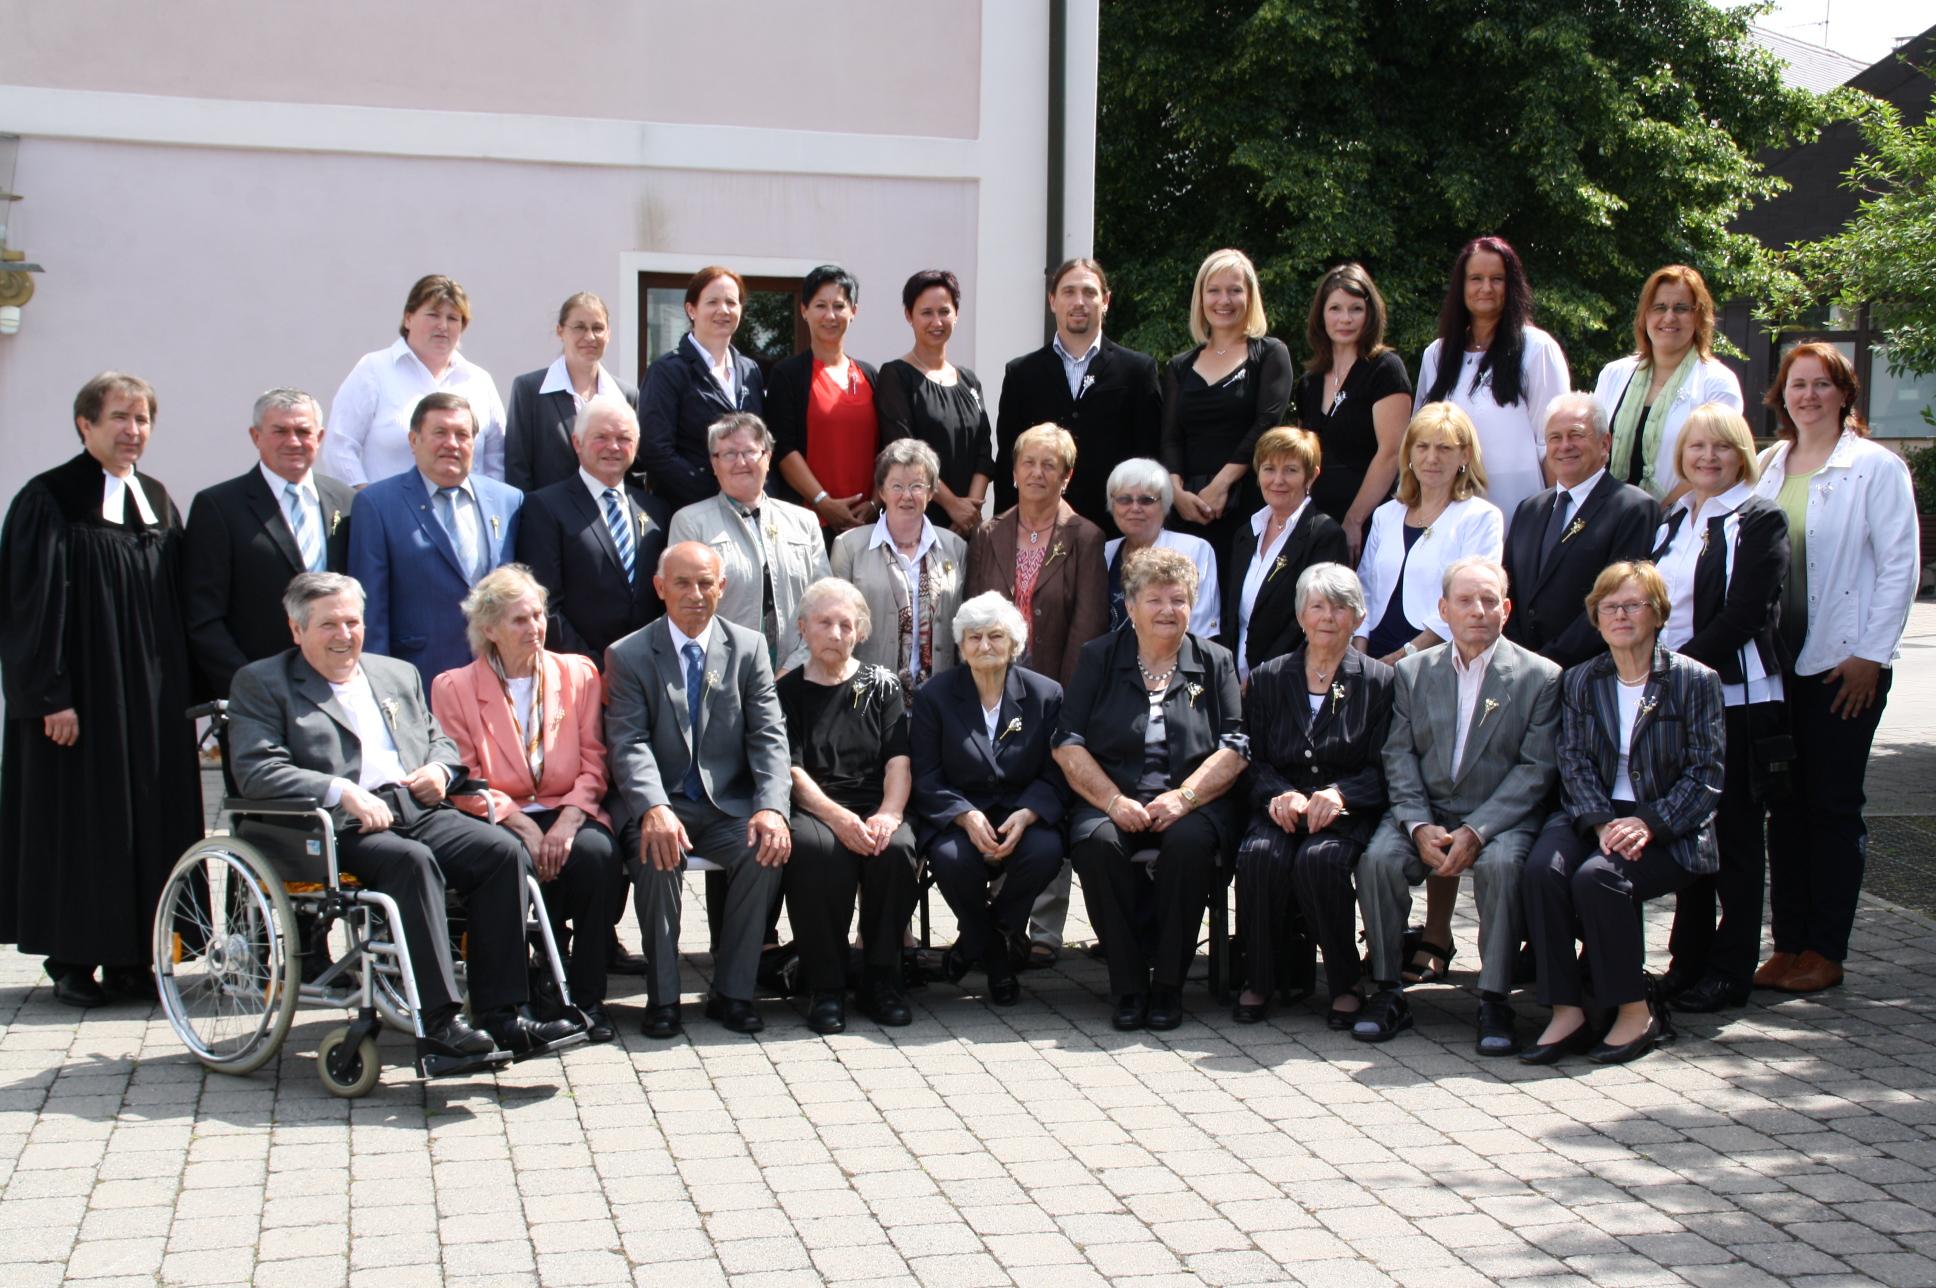 Die Jubilare haben sich 40 Jahre später zum Gruppenfoto aufgestellt.